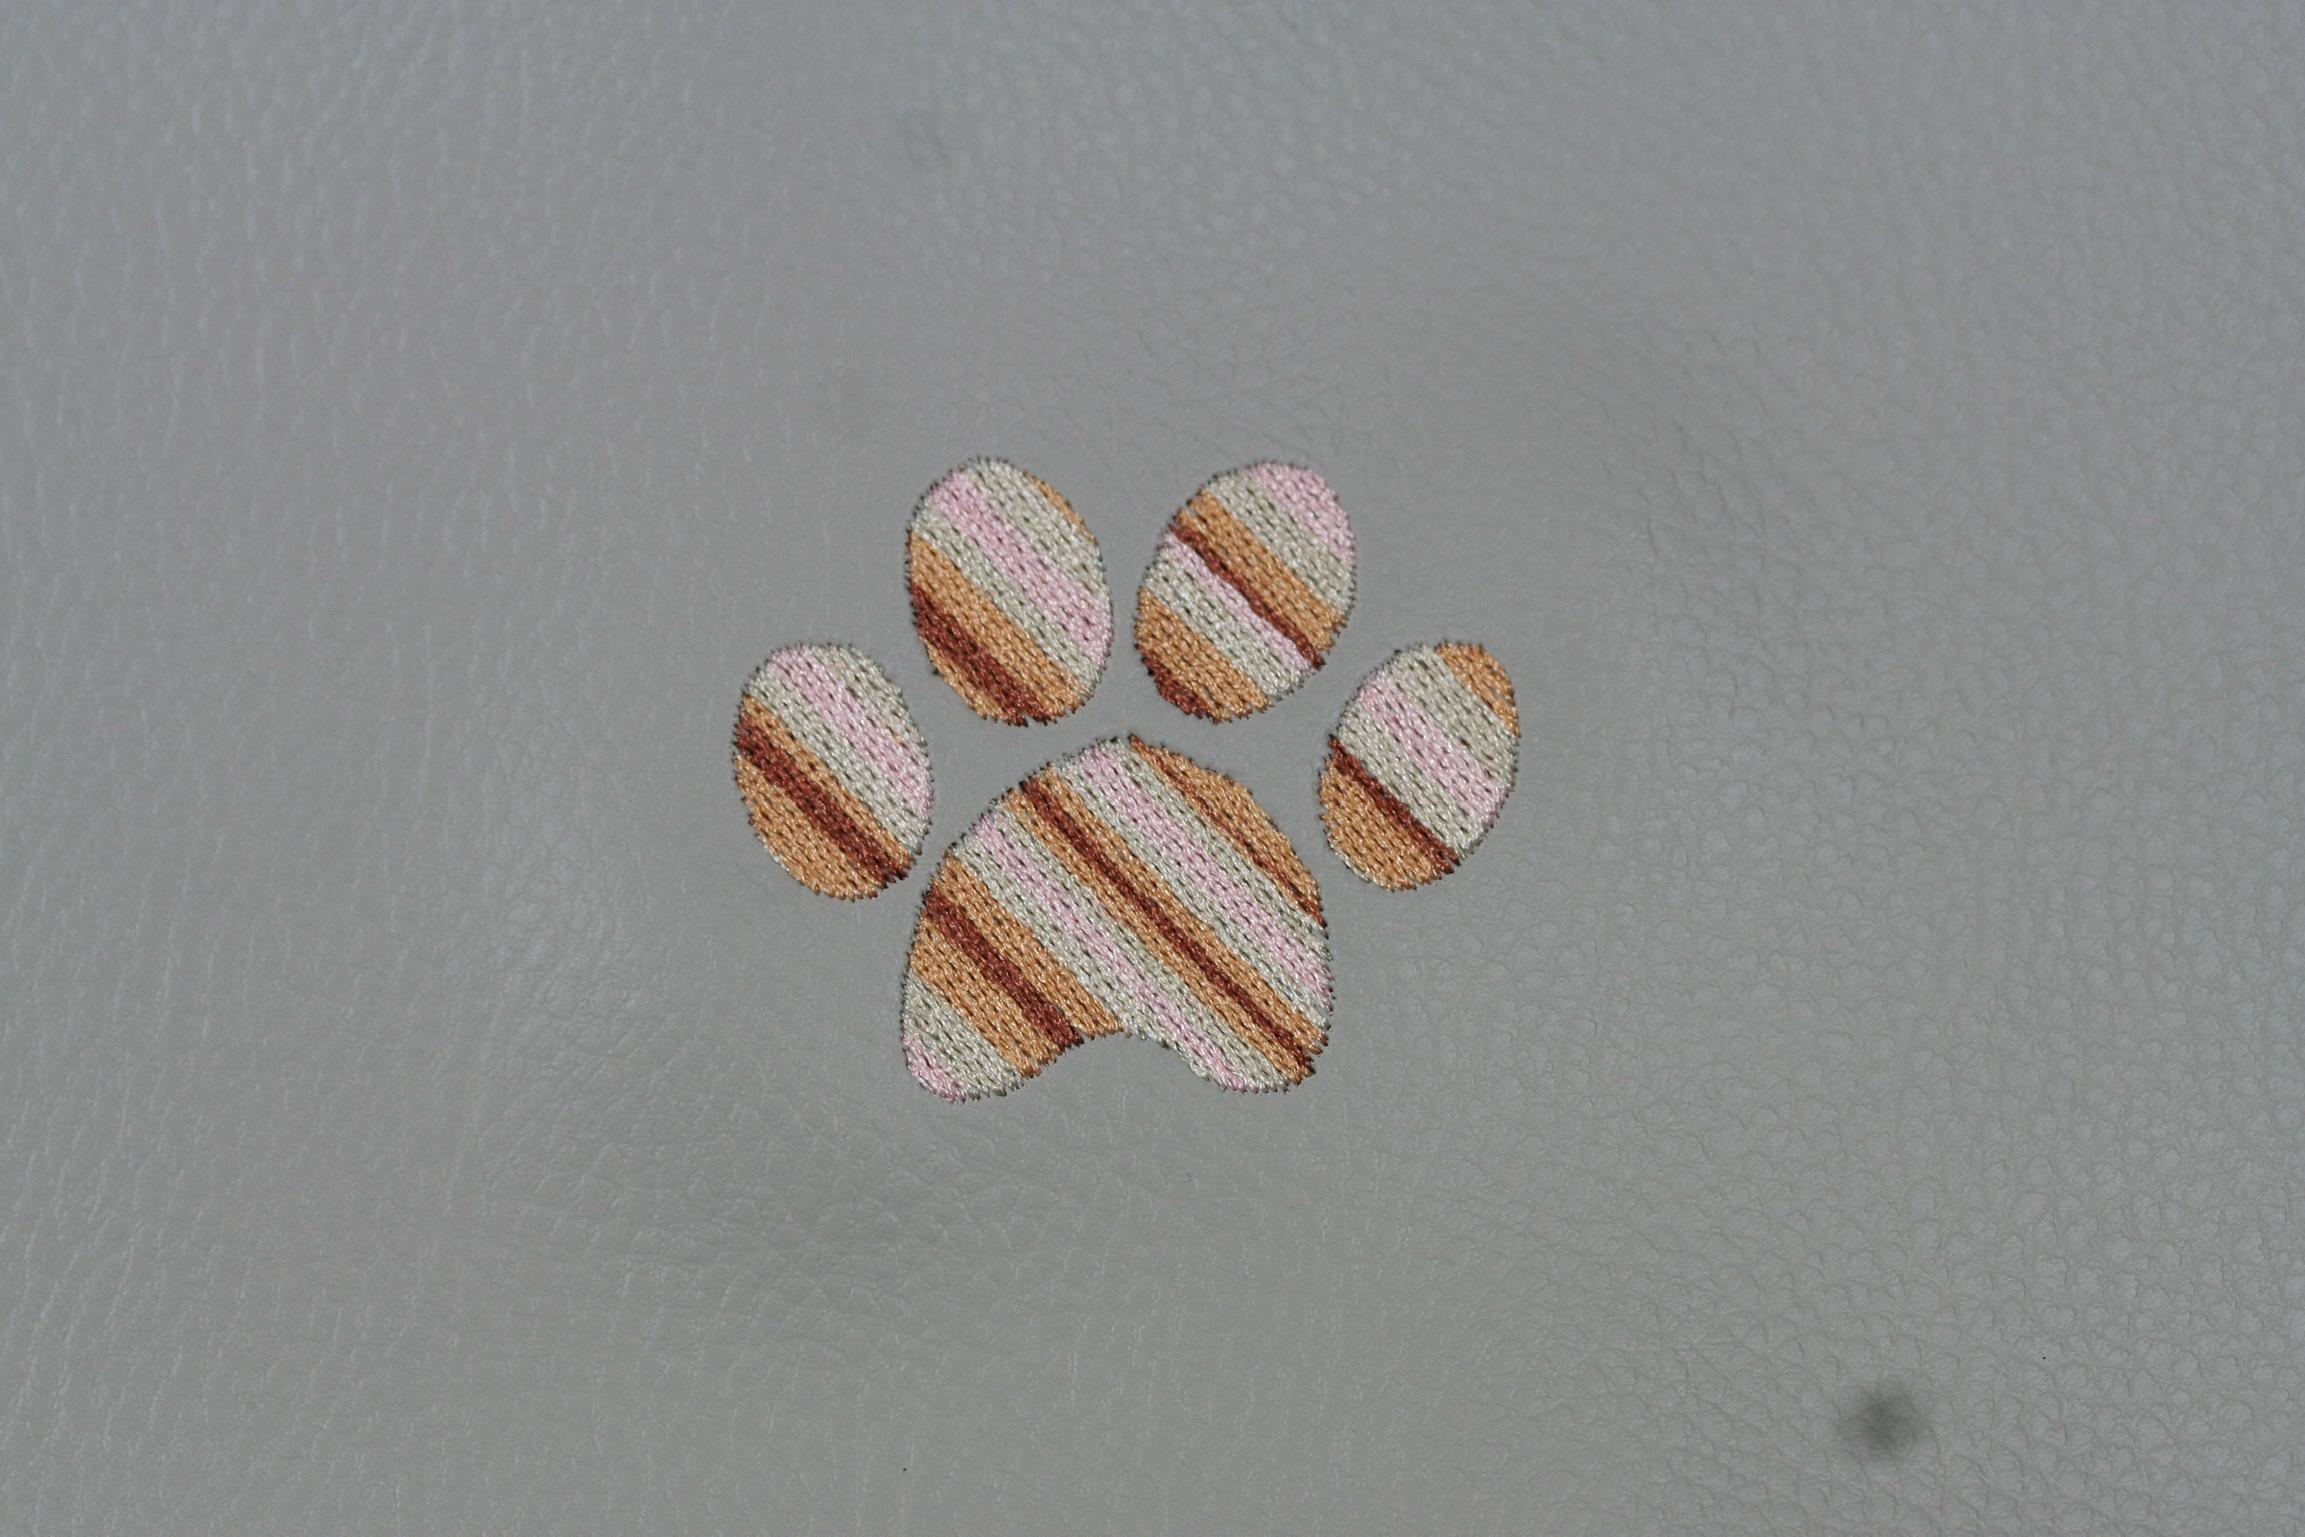 Multicolor-2879-Braun-Rosa-Creme